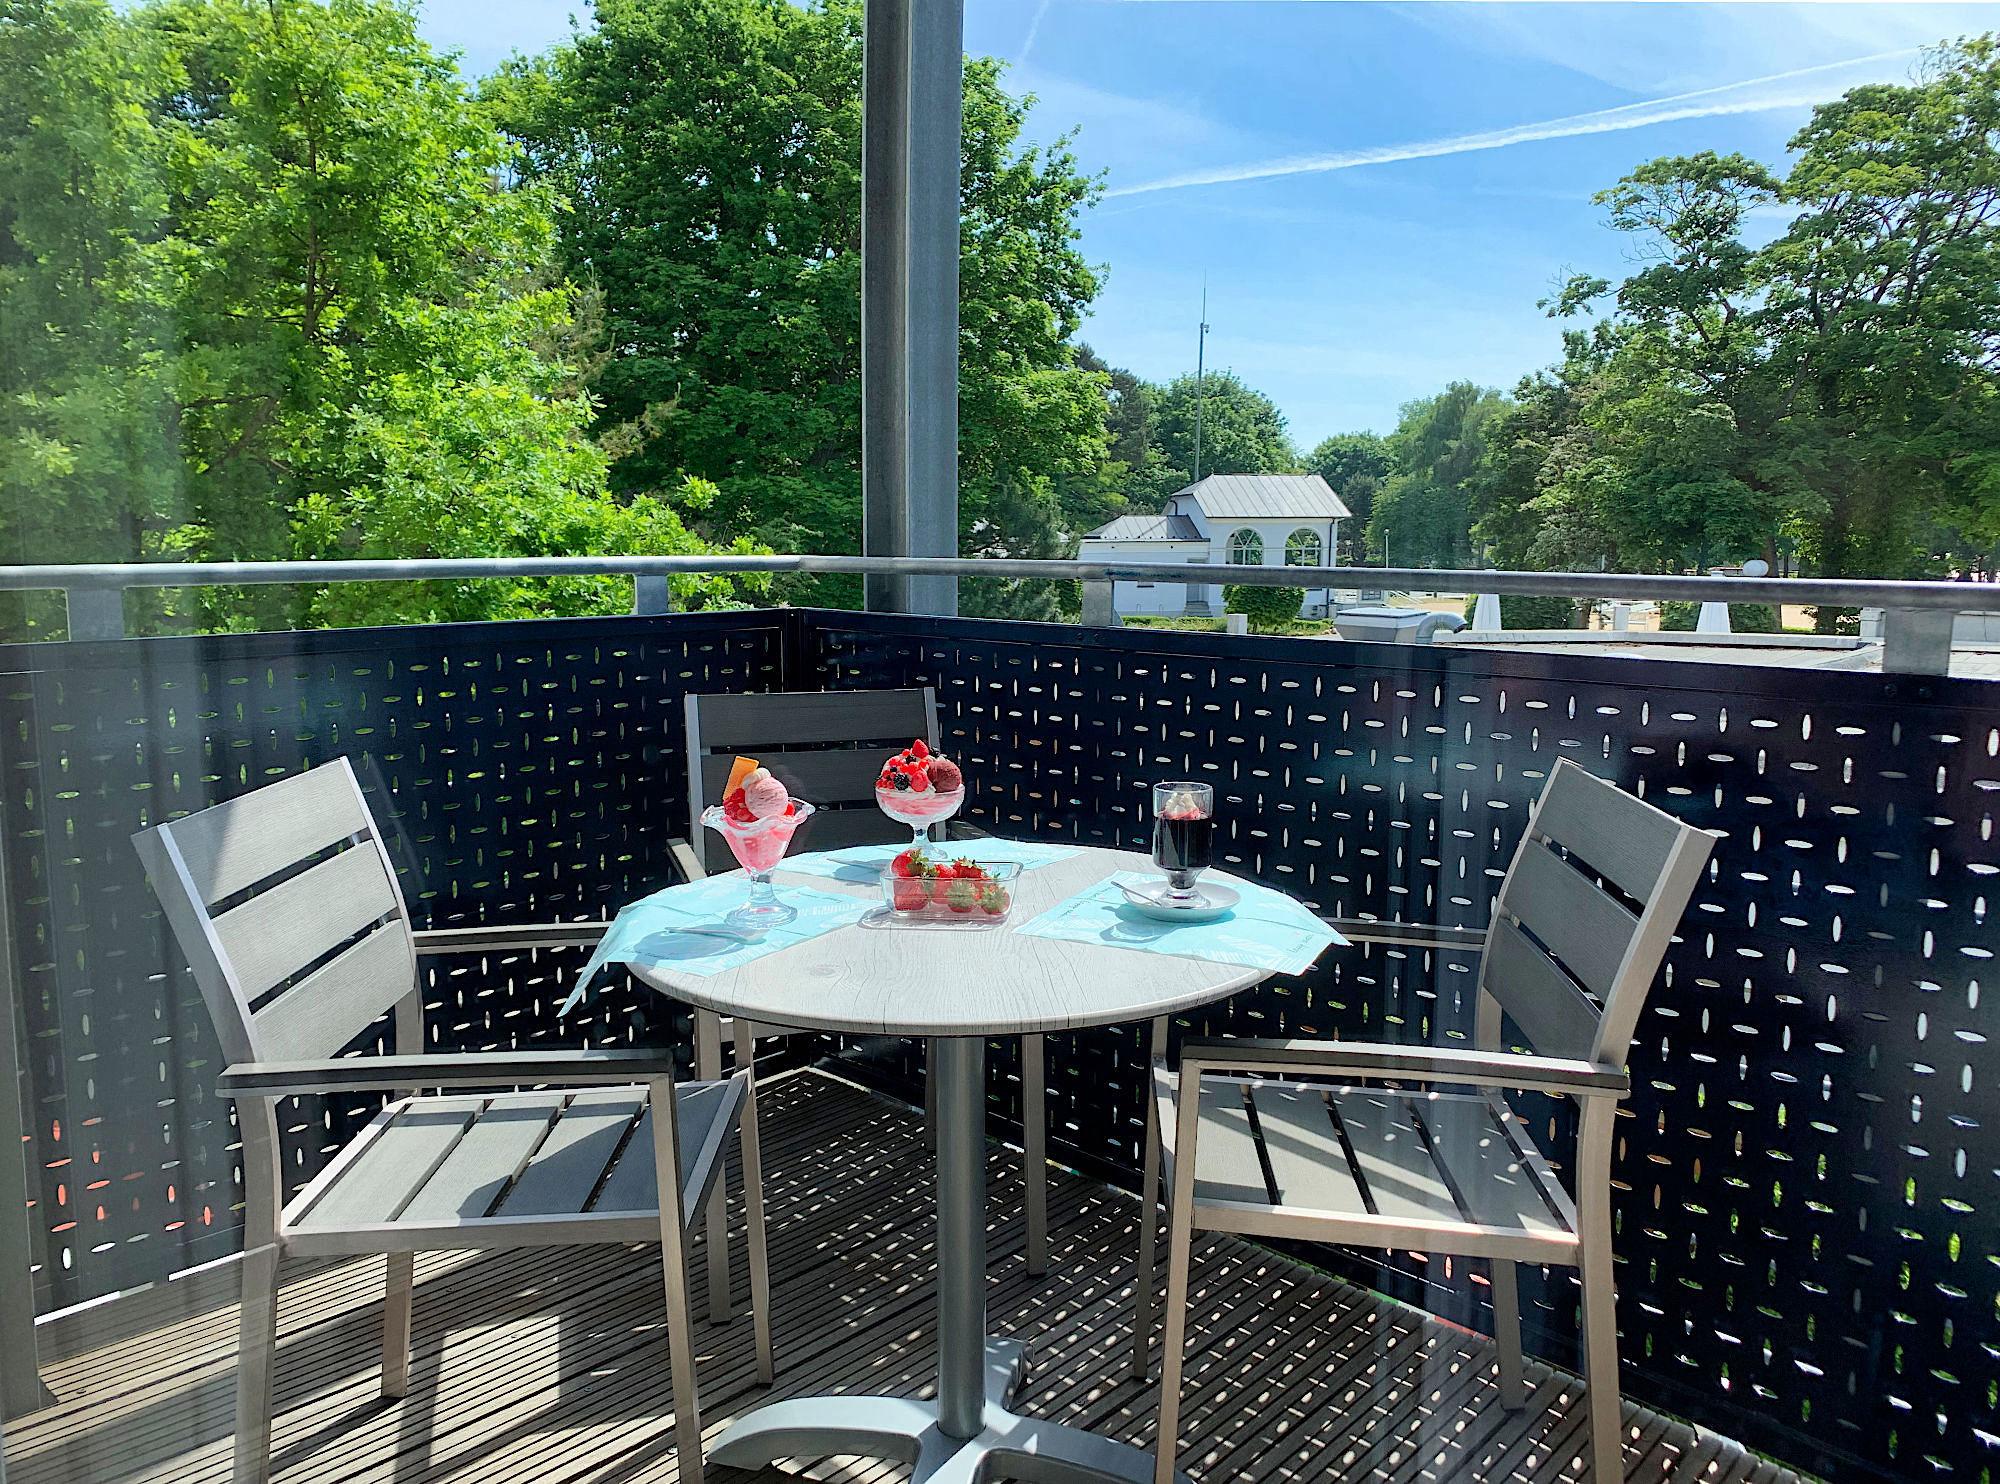 Balkon mit Tisch und Stühlen, im Hintergrund ist der Kurpark mit der Kurmuschel zu sehen